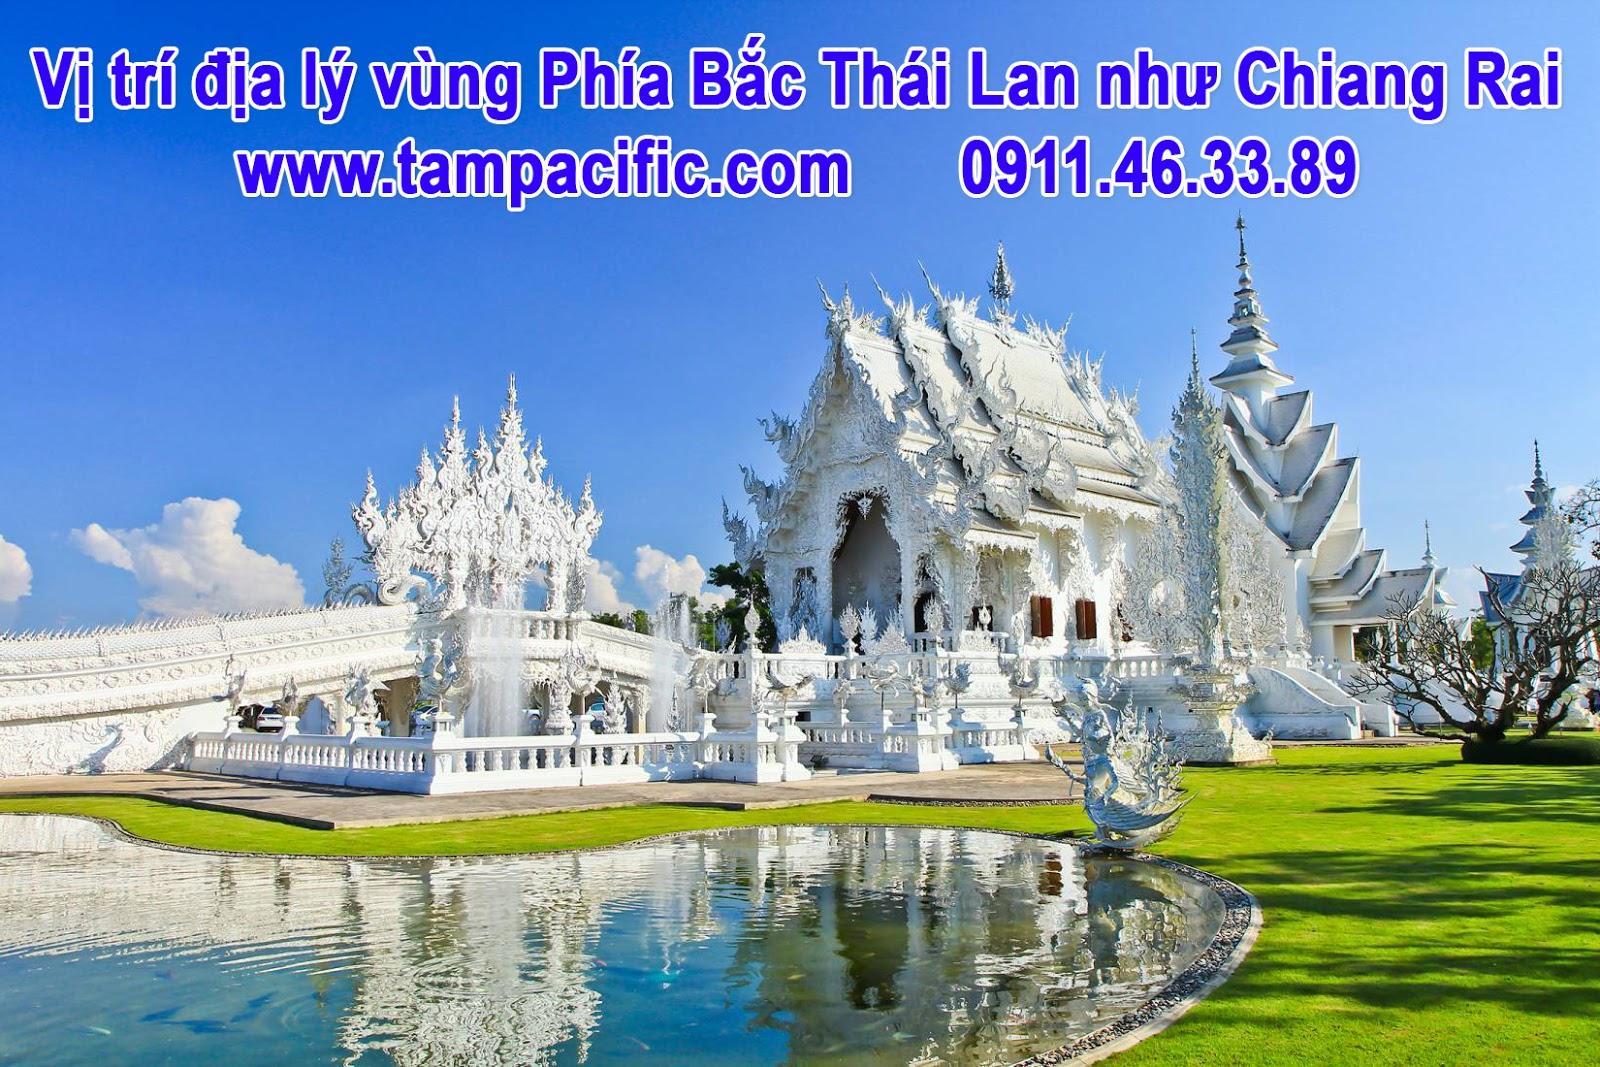 Vị trí địa lý vùng Phía Bắc Thái Lan như Chiang Rai